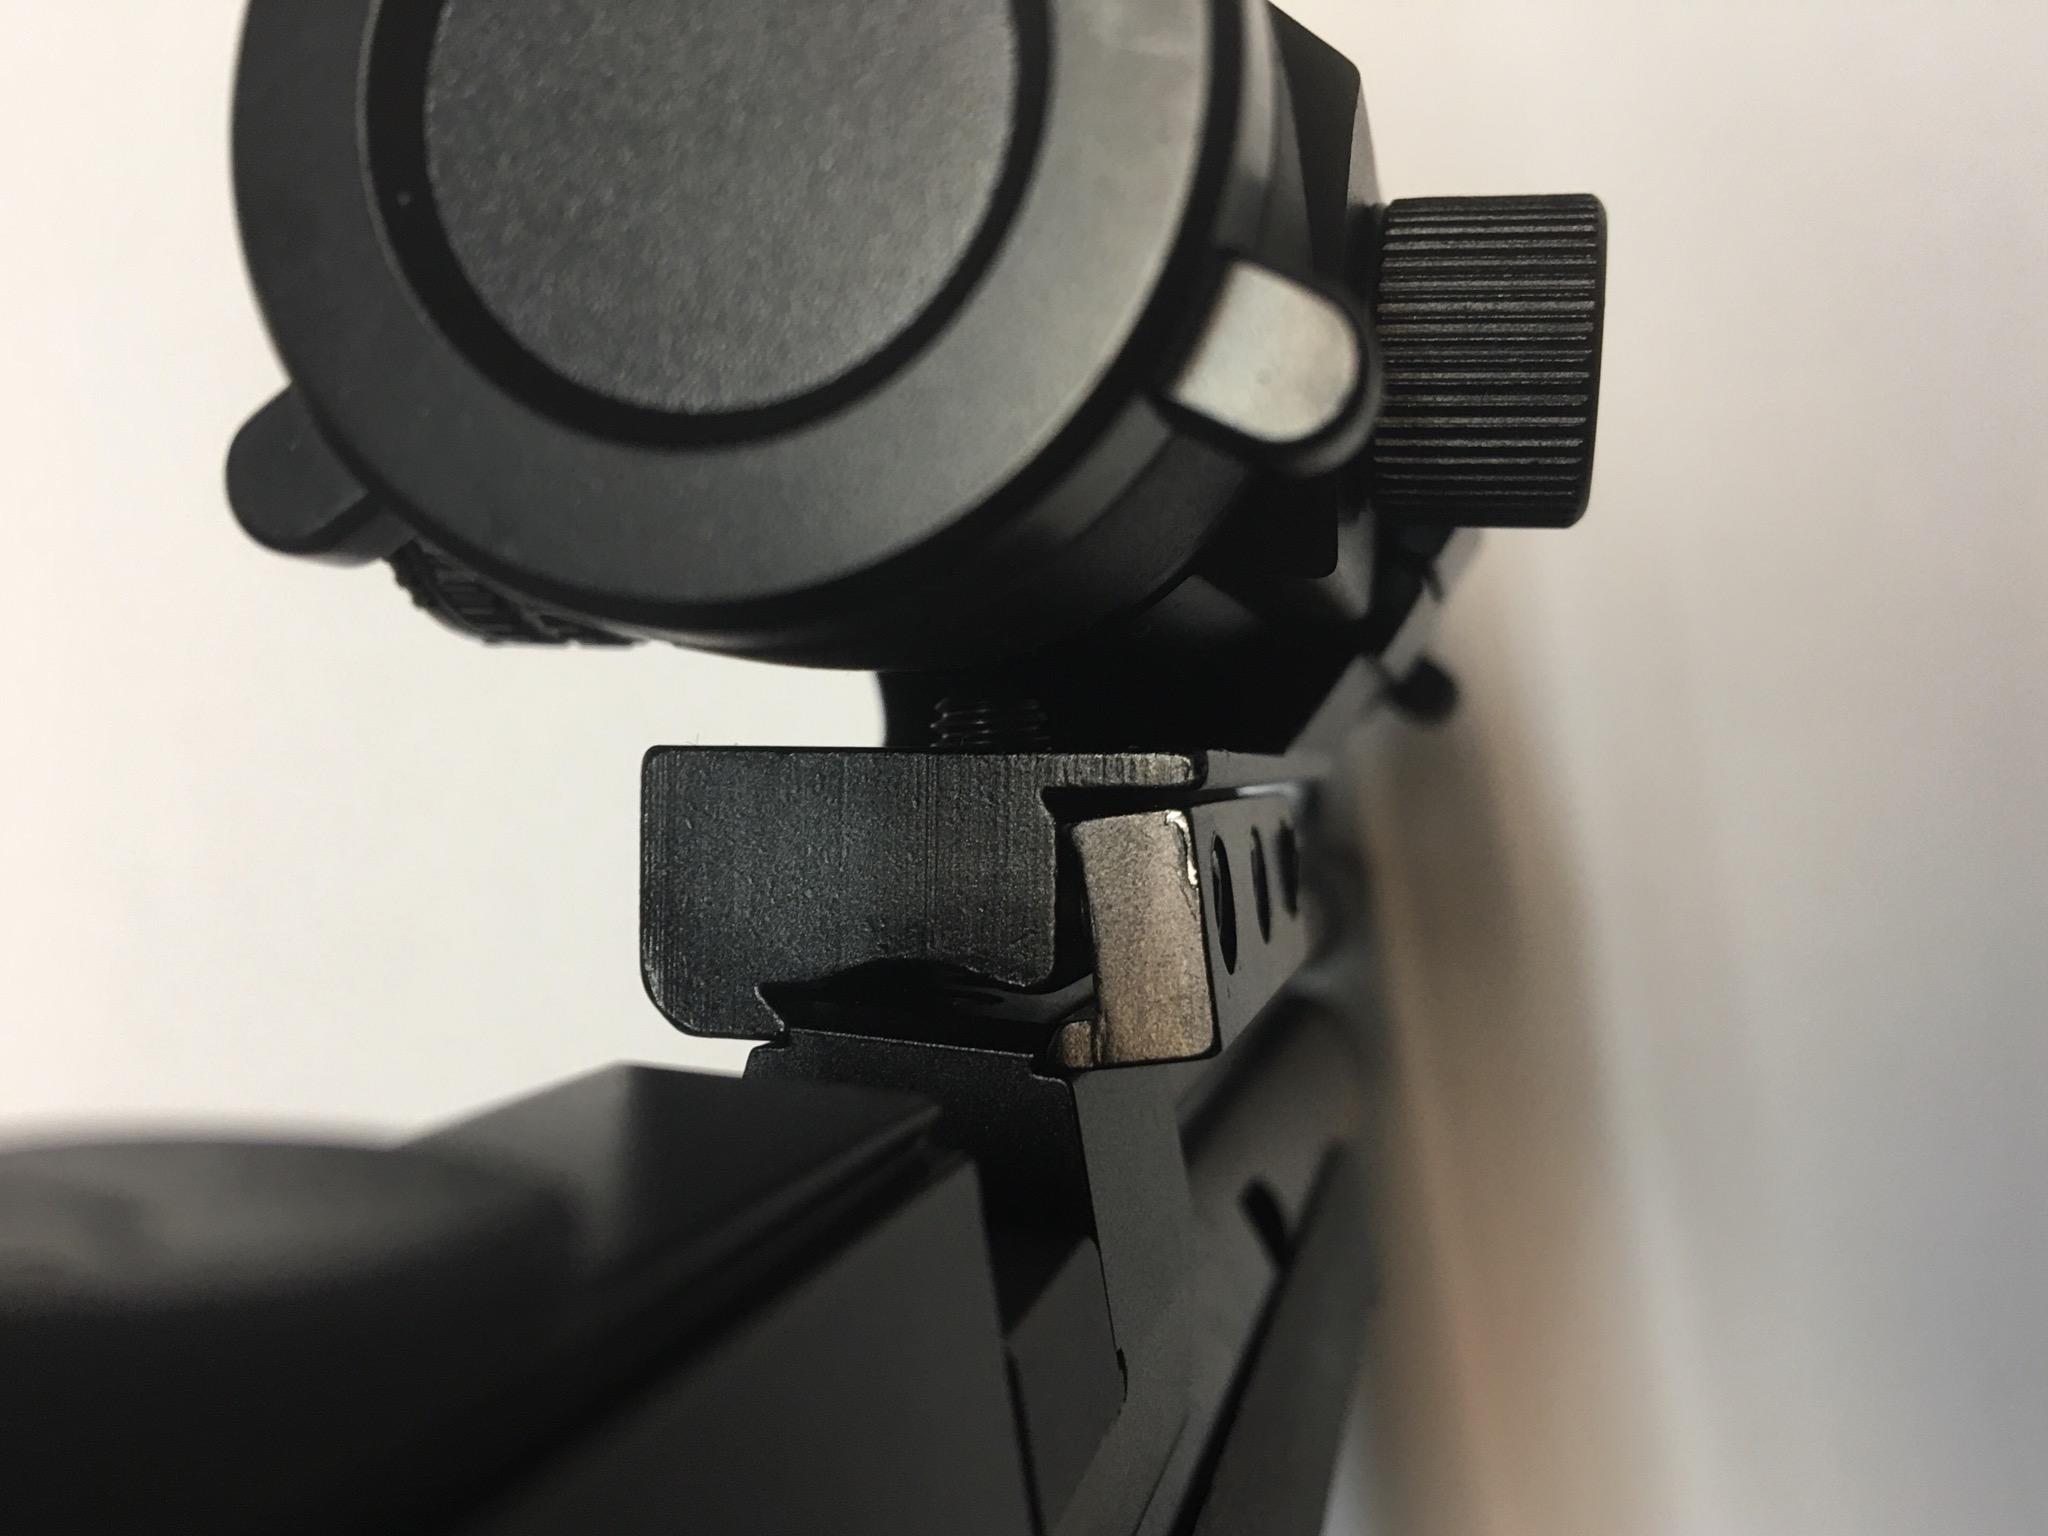 Dieses Bild mit einer anderen Optik und direkter Montage auf die 11.8mm breite Schiene soll nur ein Problem zeigen, welches ich mit der hier angebotenen Lauf-Montagebasis vermeide. Die Schiene ist nämlich leider nicht normgerecht und daran verkantet, was man festschraubt.